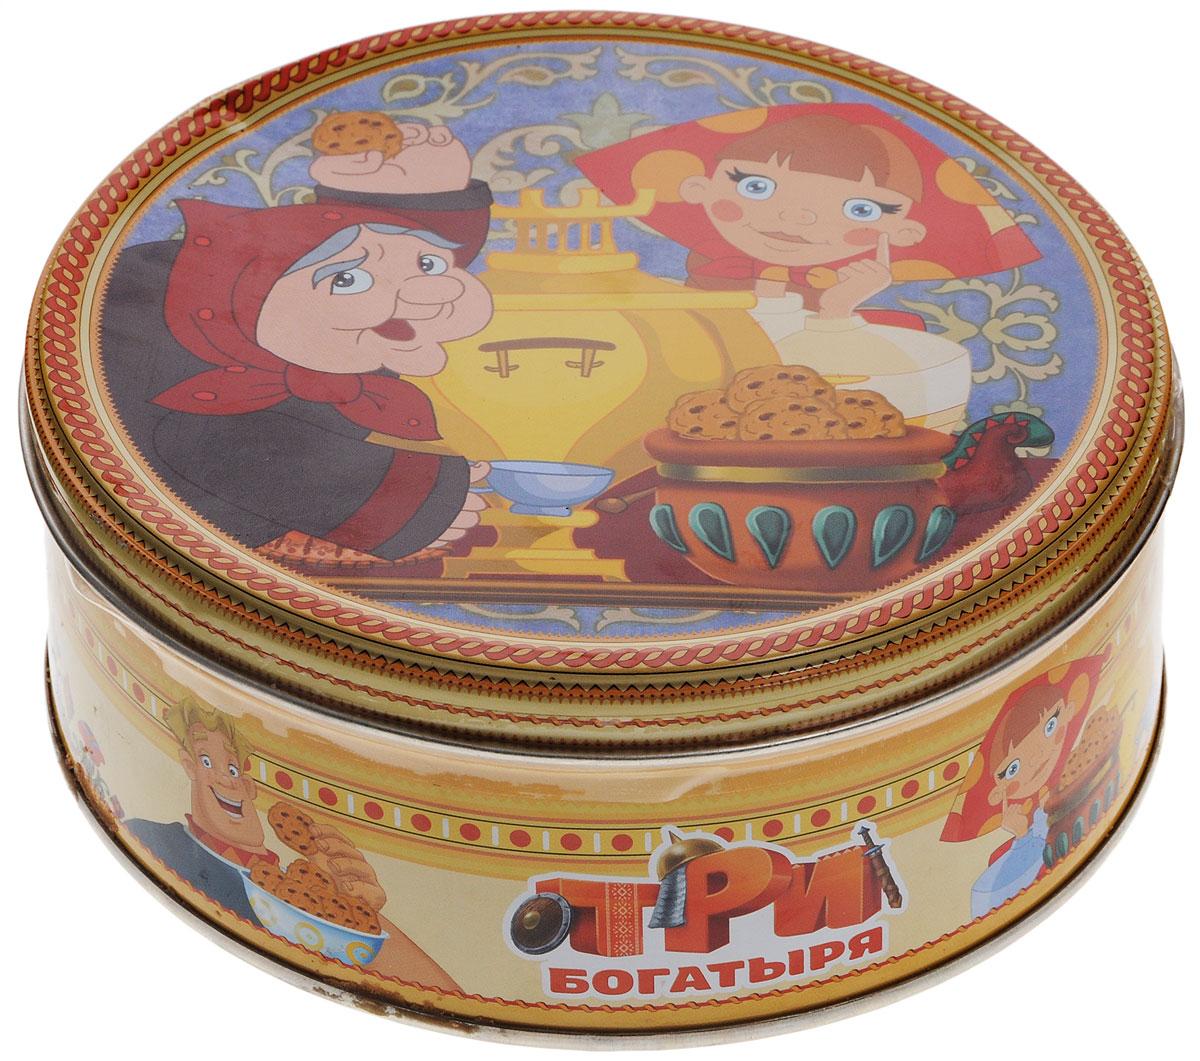 Три богатыря печенье сдобное с кусочками шоколада, 150 г4600416016891_бабкаТри богатыря - 100% сдобное печенье с кусочками шоколада. Печенье упаковано в металлическую банку с изображением героев мультфильма Три богатыря. Такое печенье станет оригинальным подарком.